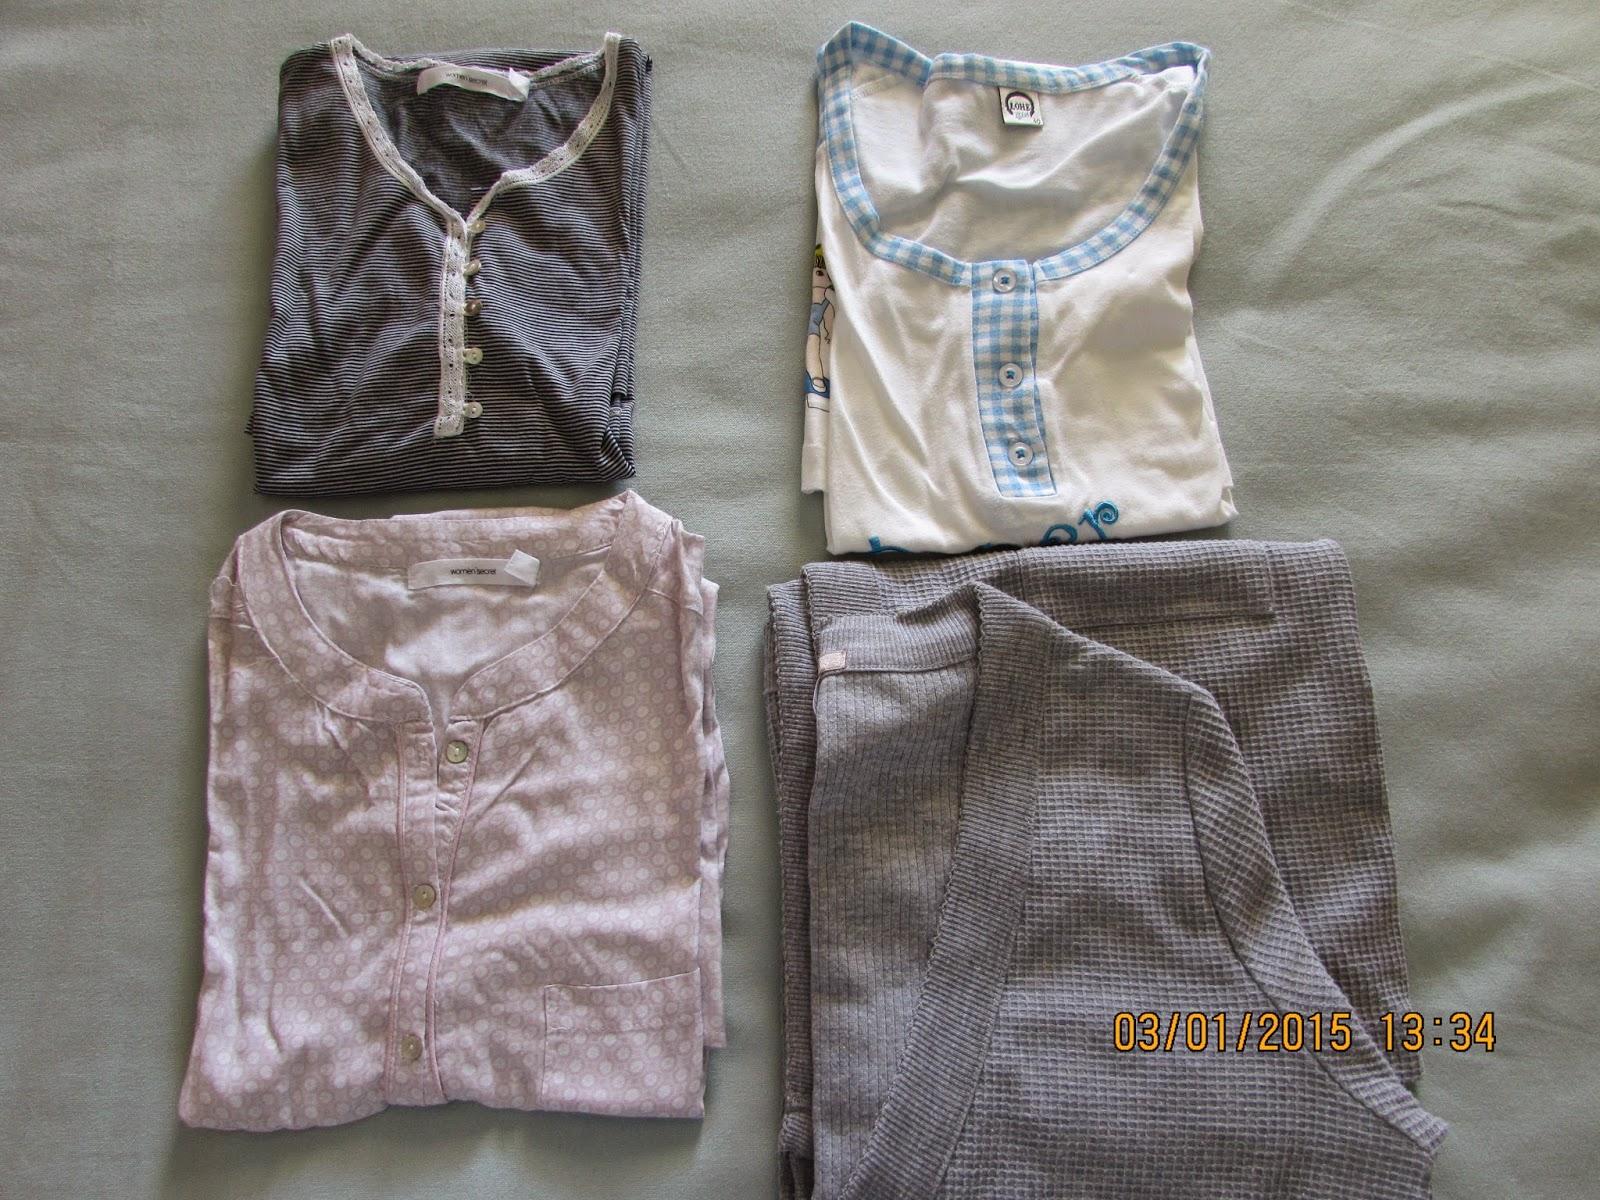 5bc8cd947 ... maternidade comprei camisas de dormir. Apesar de adorar ver aquelas  branquinhas